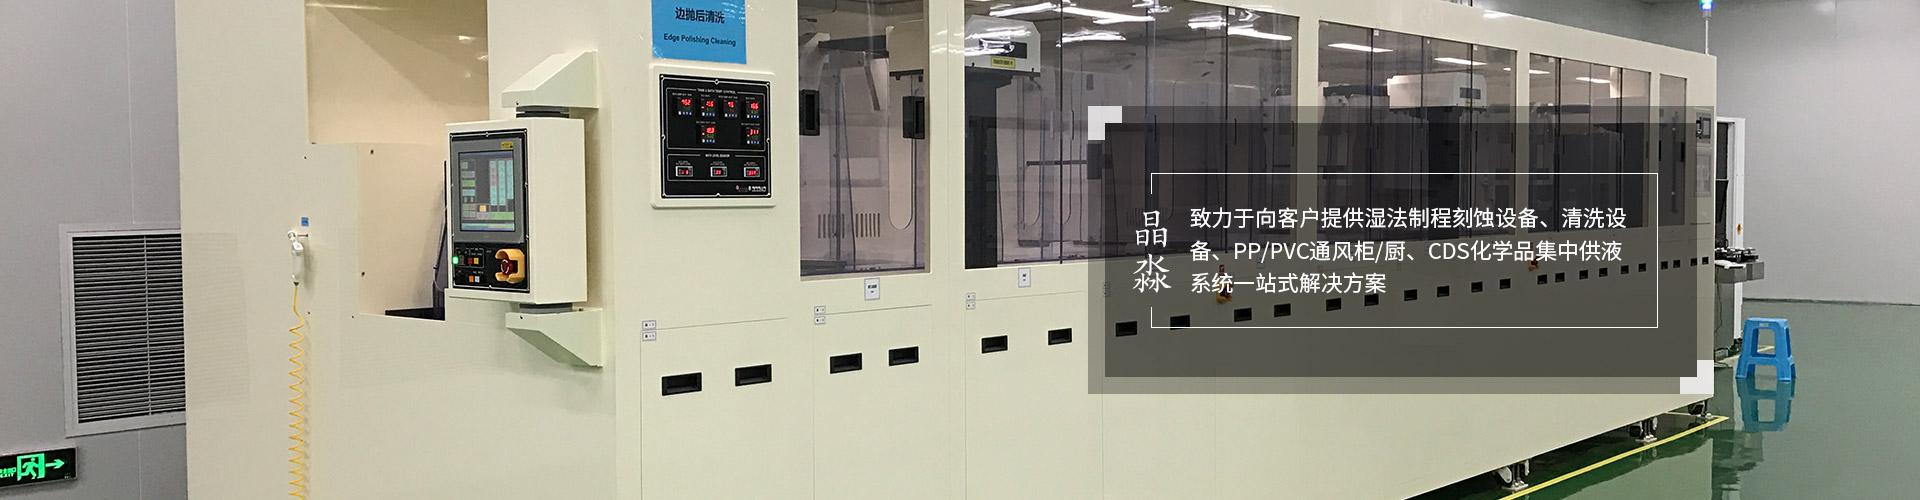 苏州晶淼半导体设备有限公司